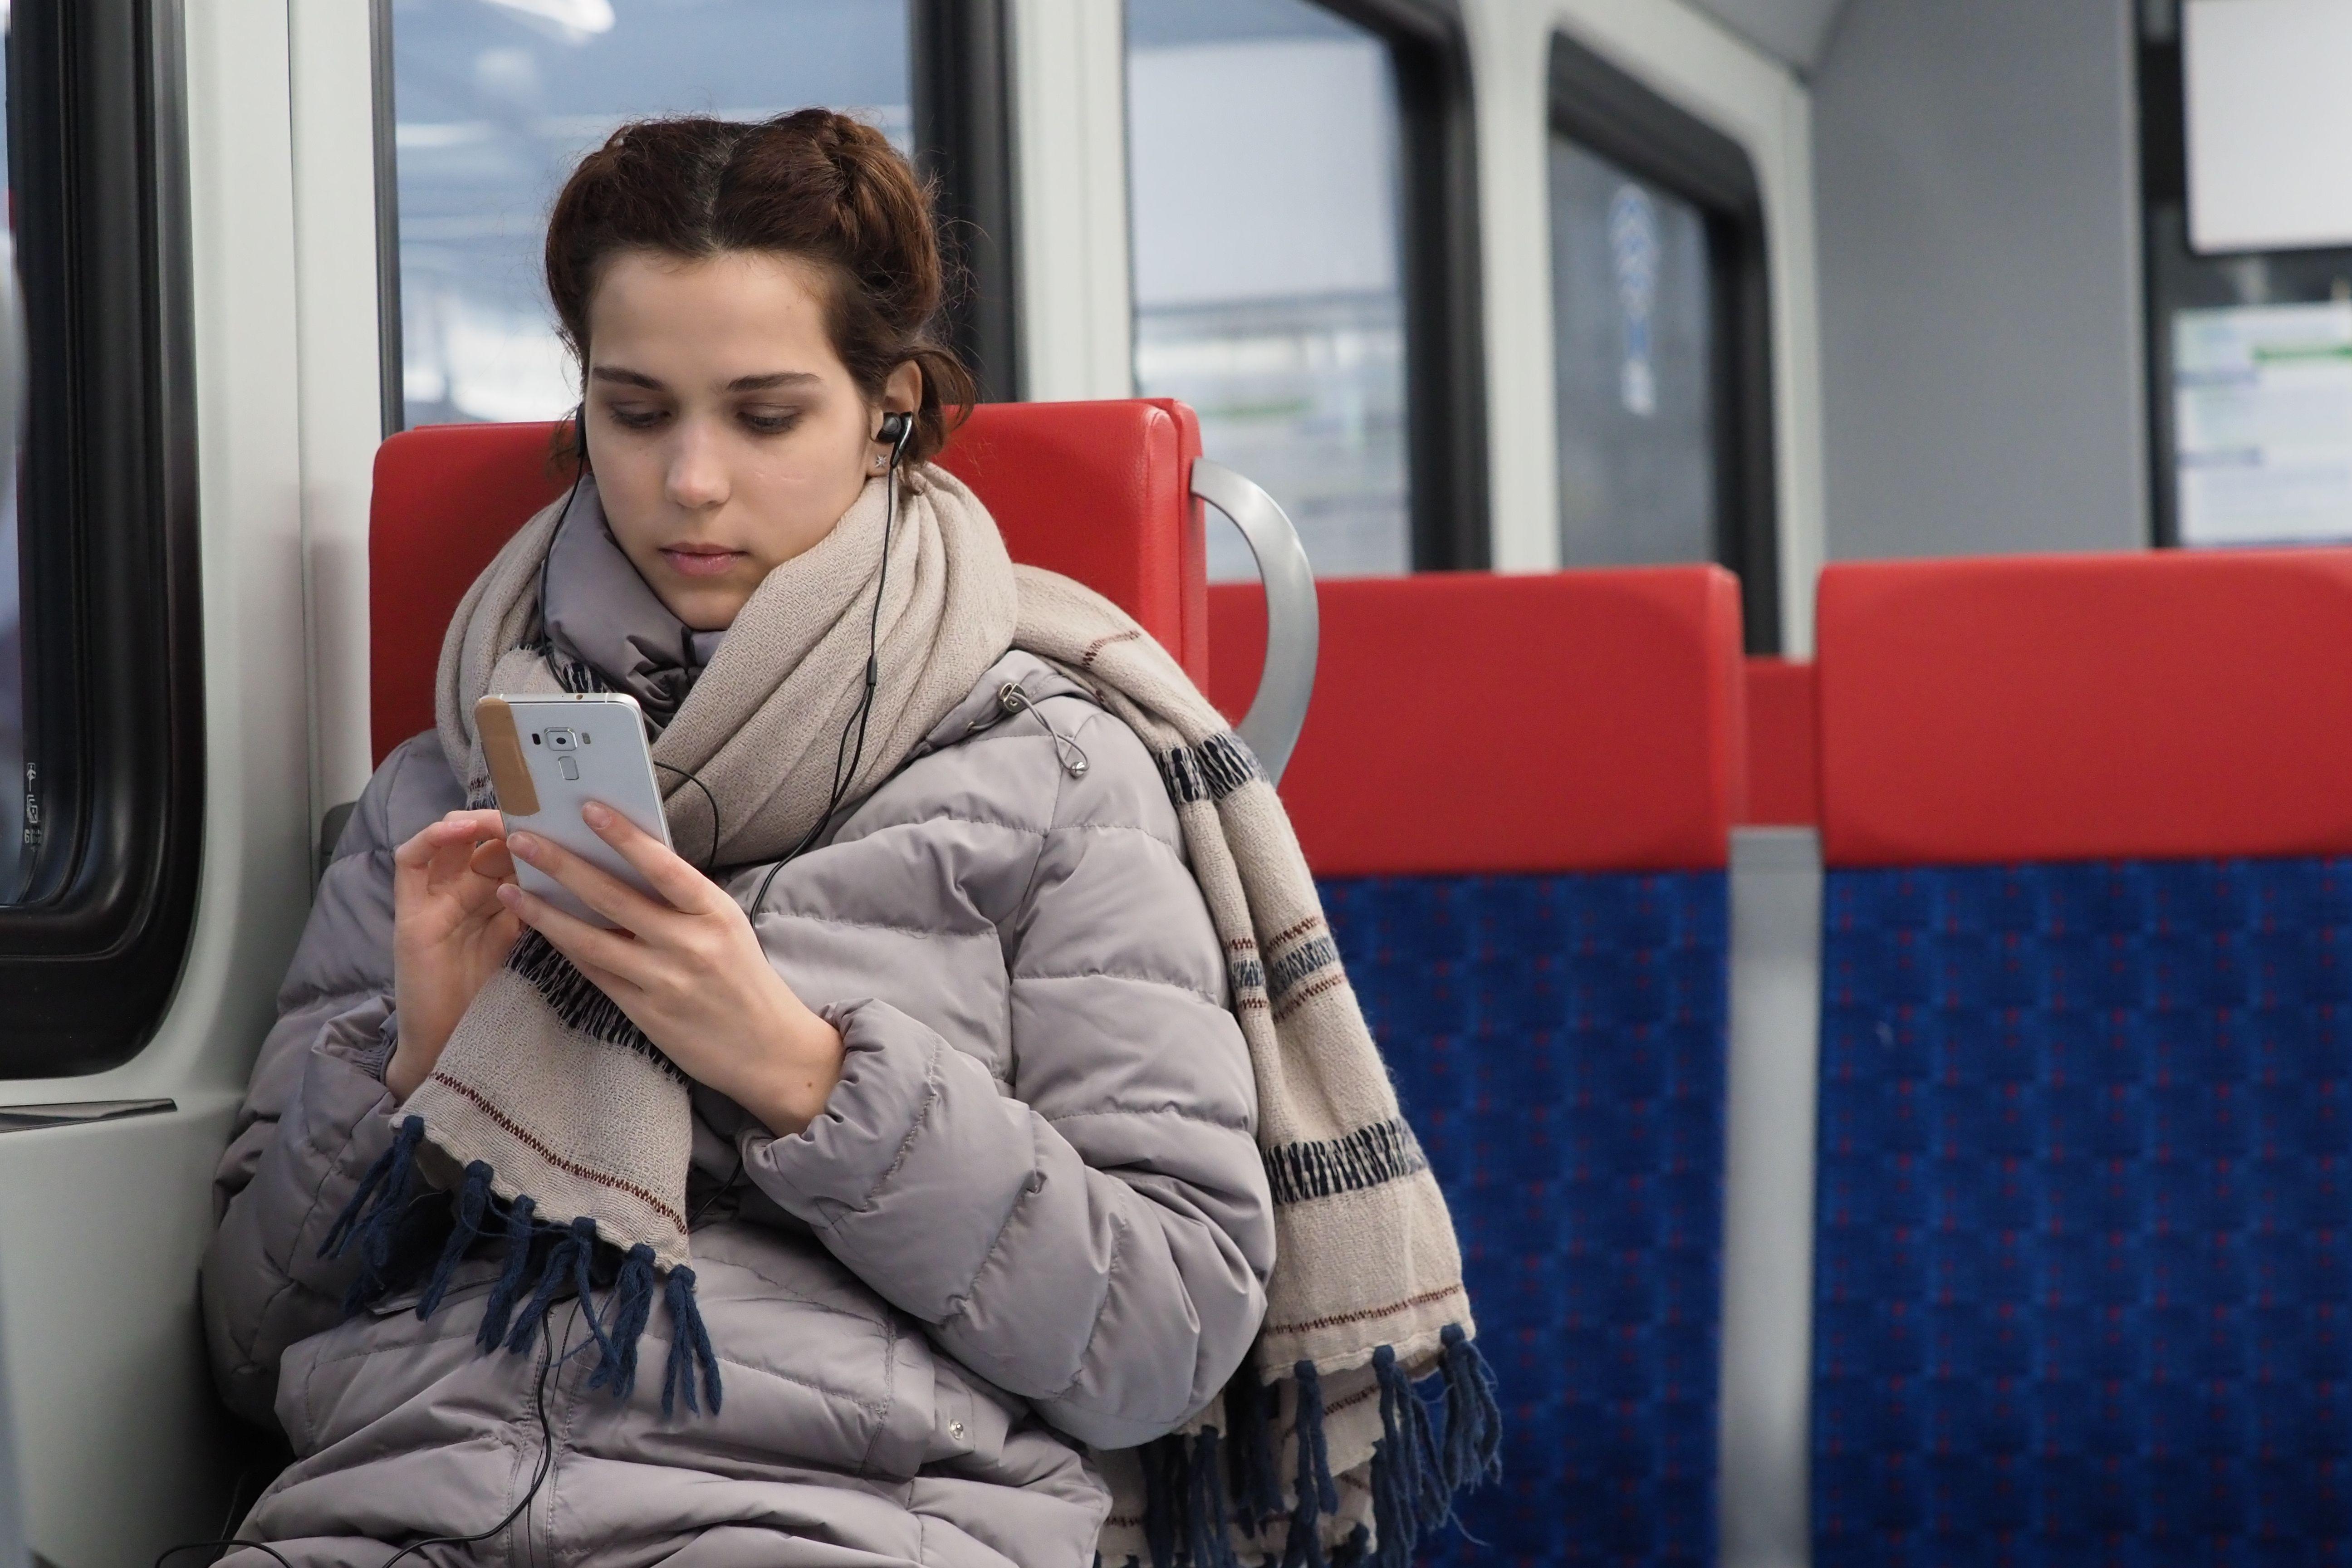 Пассажиров МЦД защитят от бактерий с помощью ультрафиолета